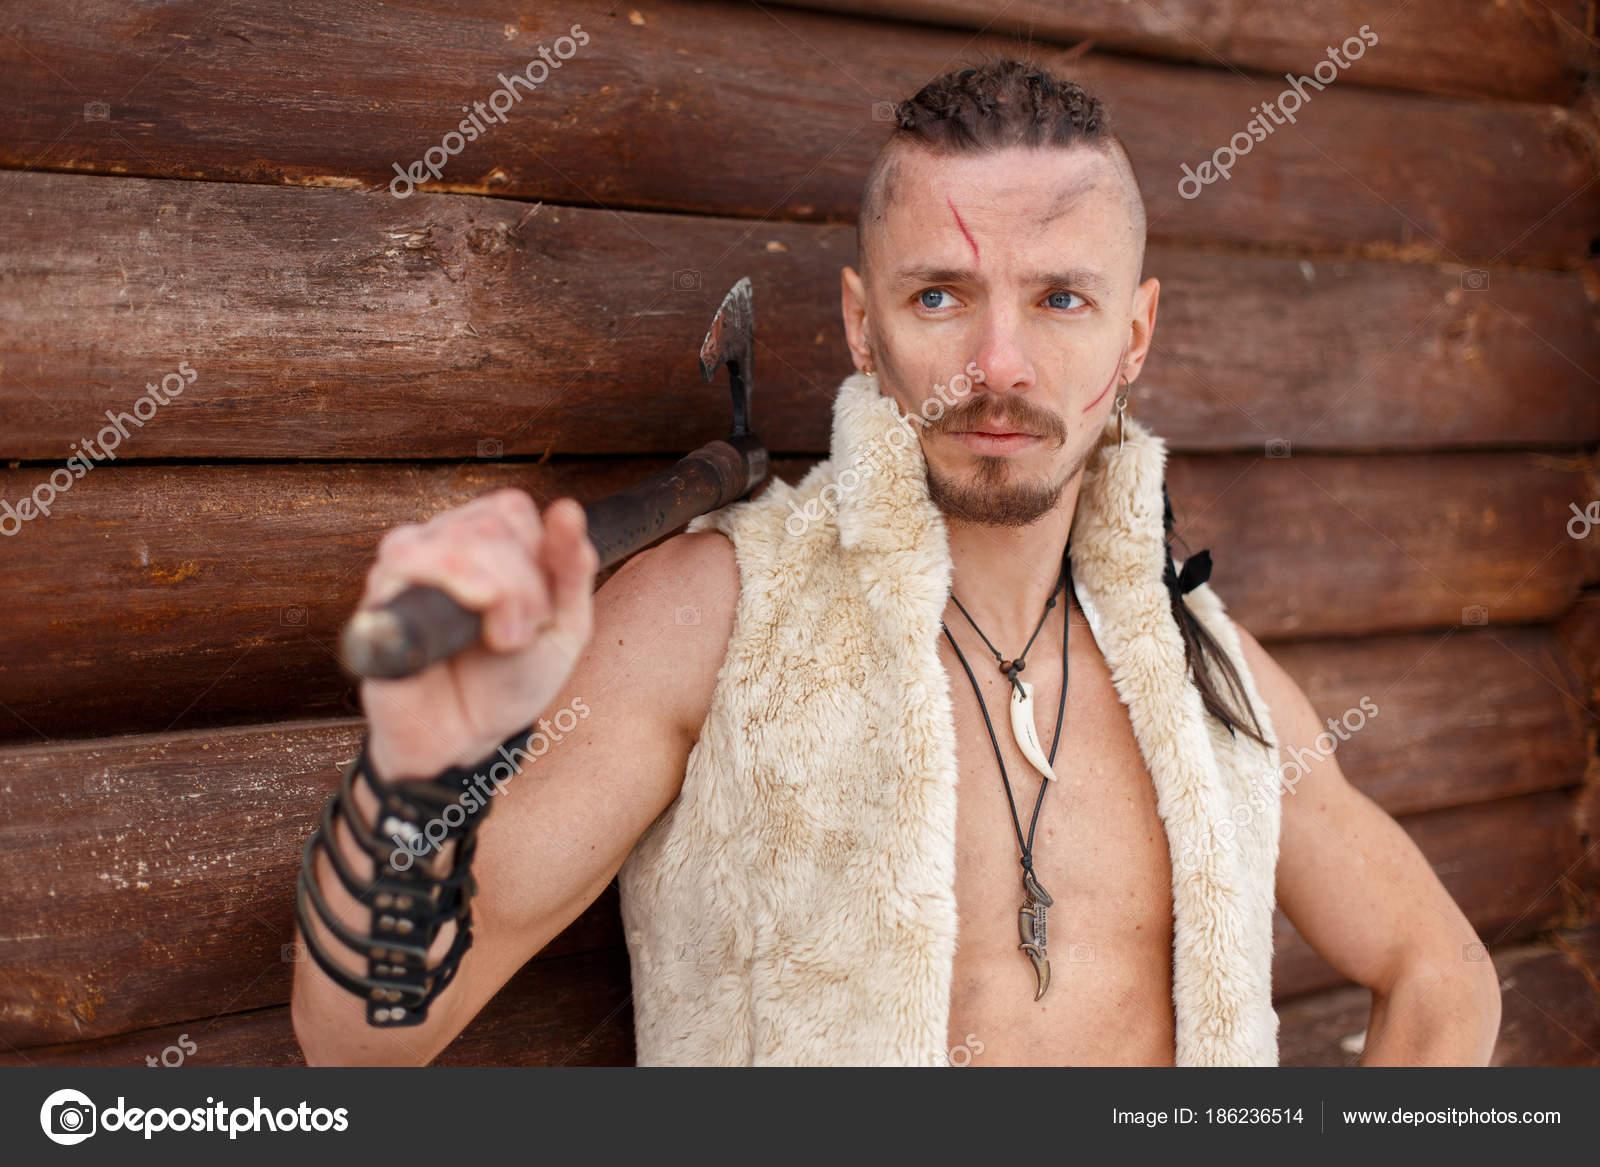 Viking Mit Einer Narbe Mit Einer Frisur Halten Eine Axt In Eine